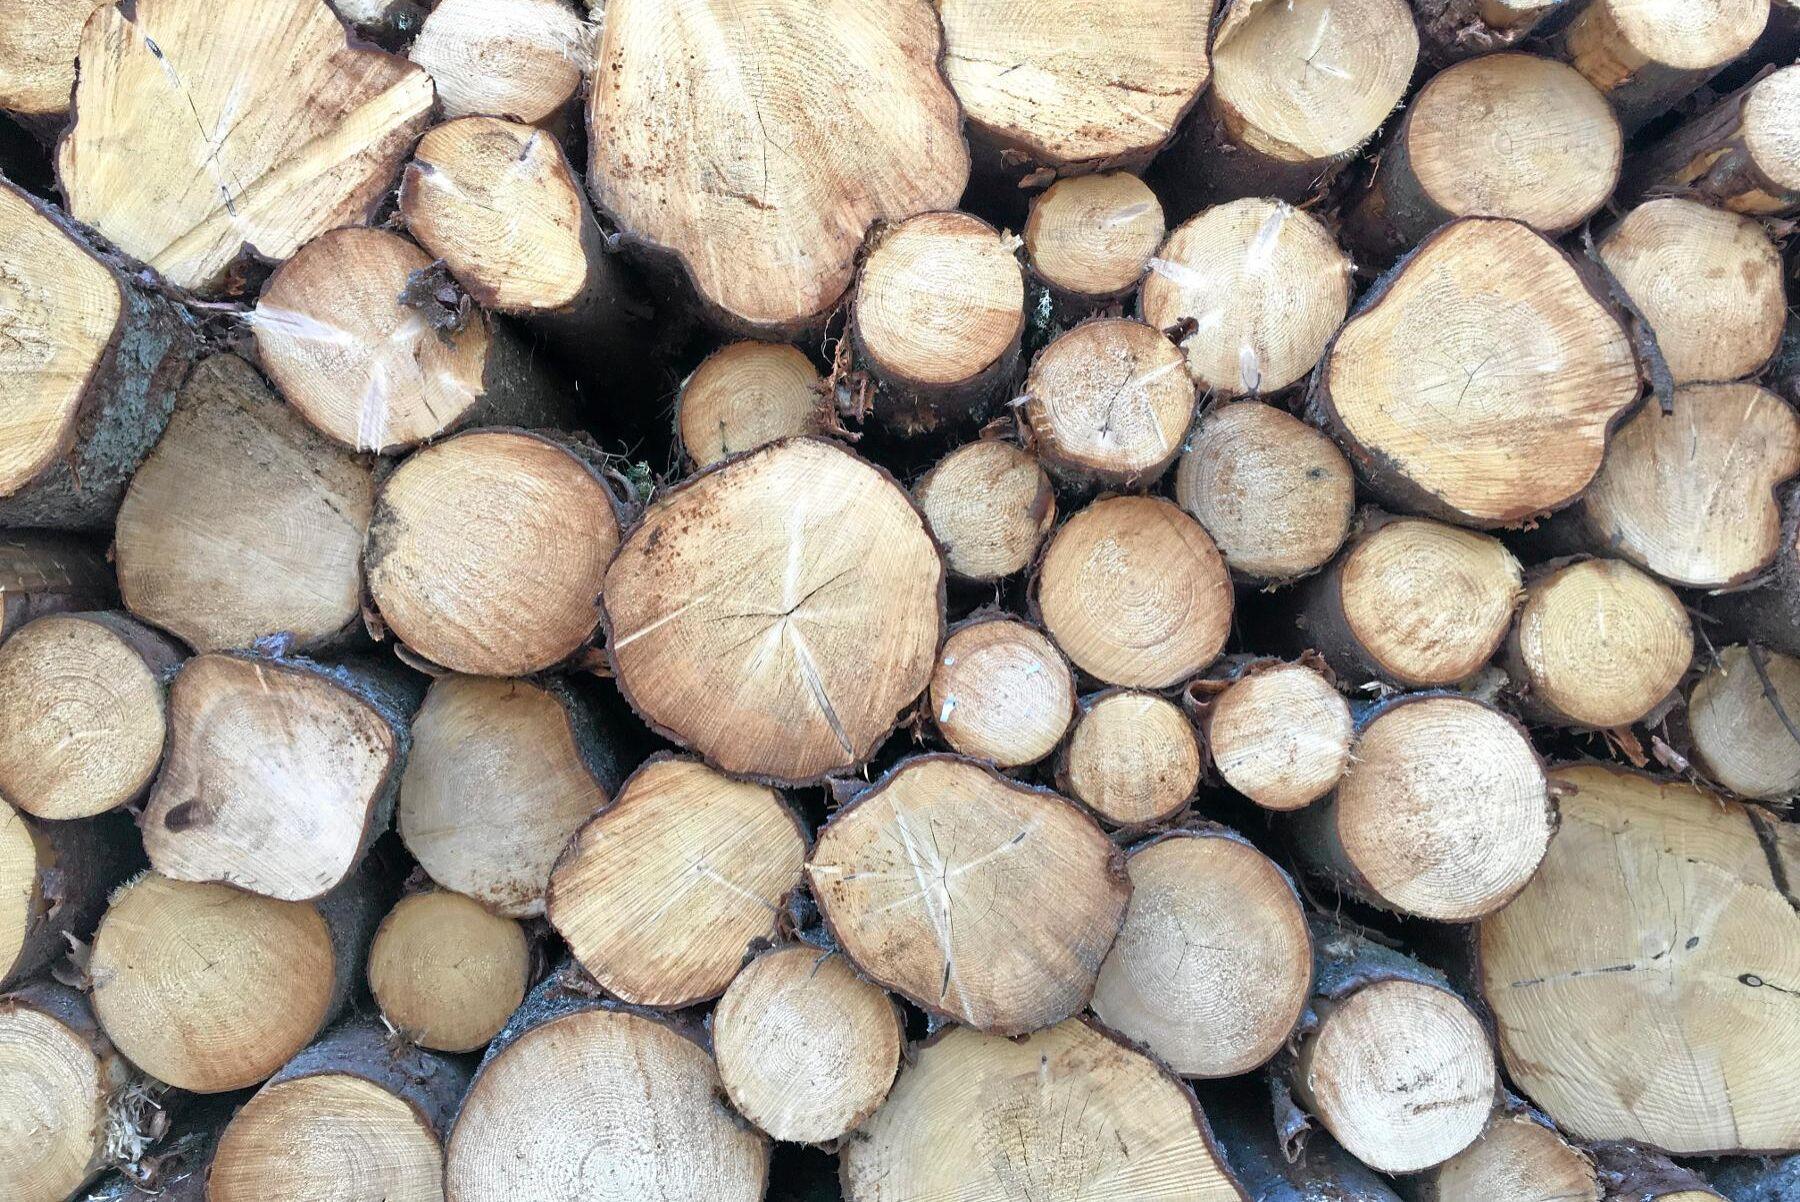 Alla virkes- och skogsbränsleupplag vid allmän väg måste ha tillstånd. Från årsskiftet blir det en handläggningsavgift på 2900 kronor för dessa.